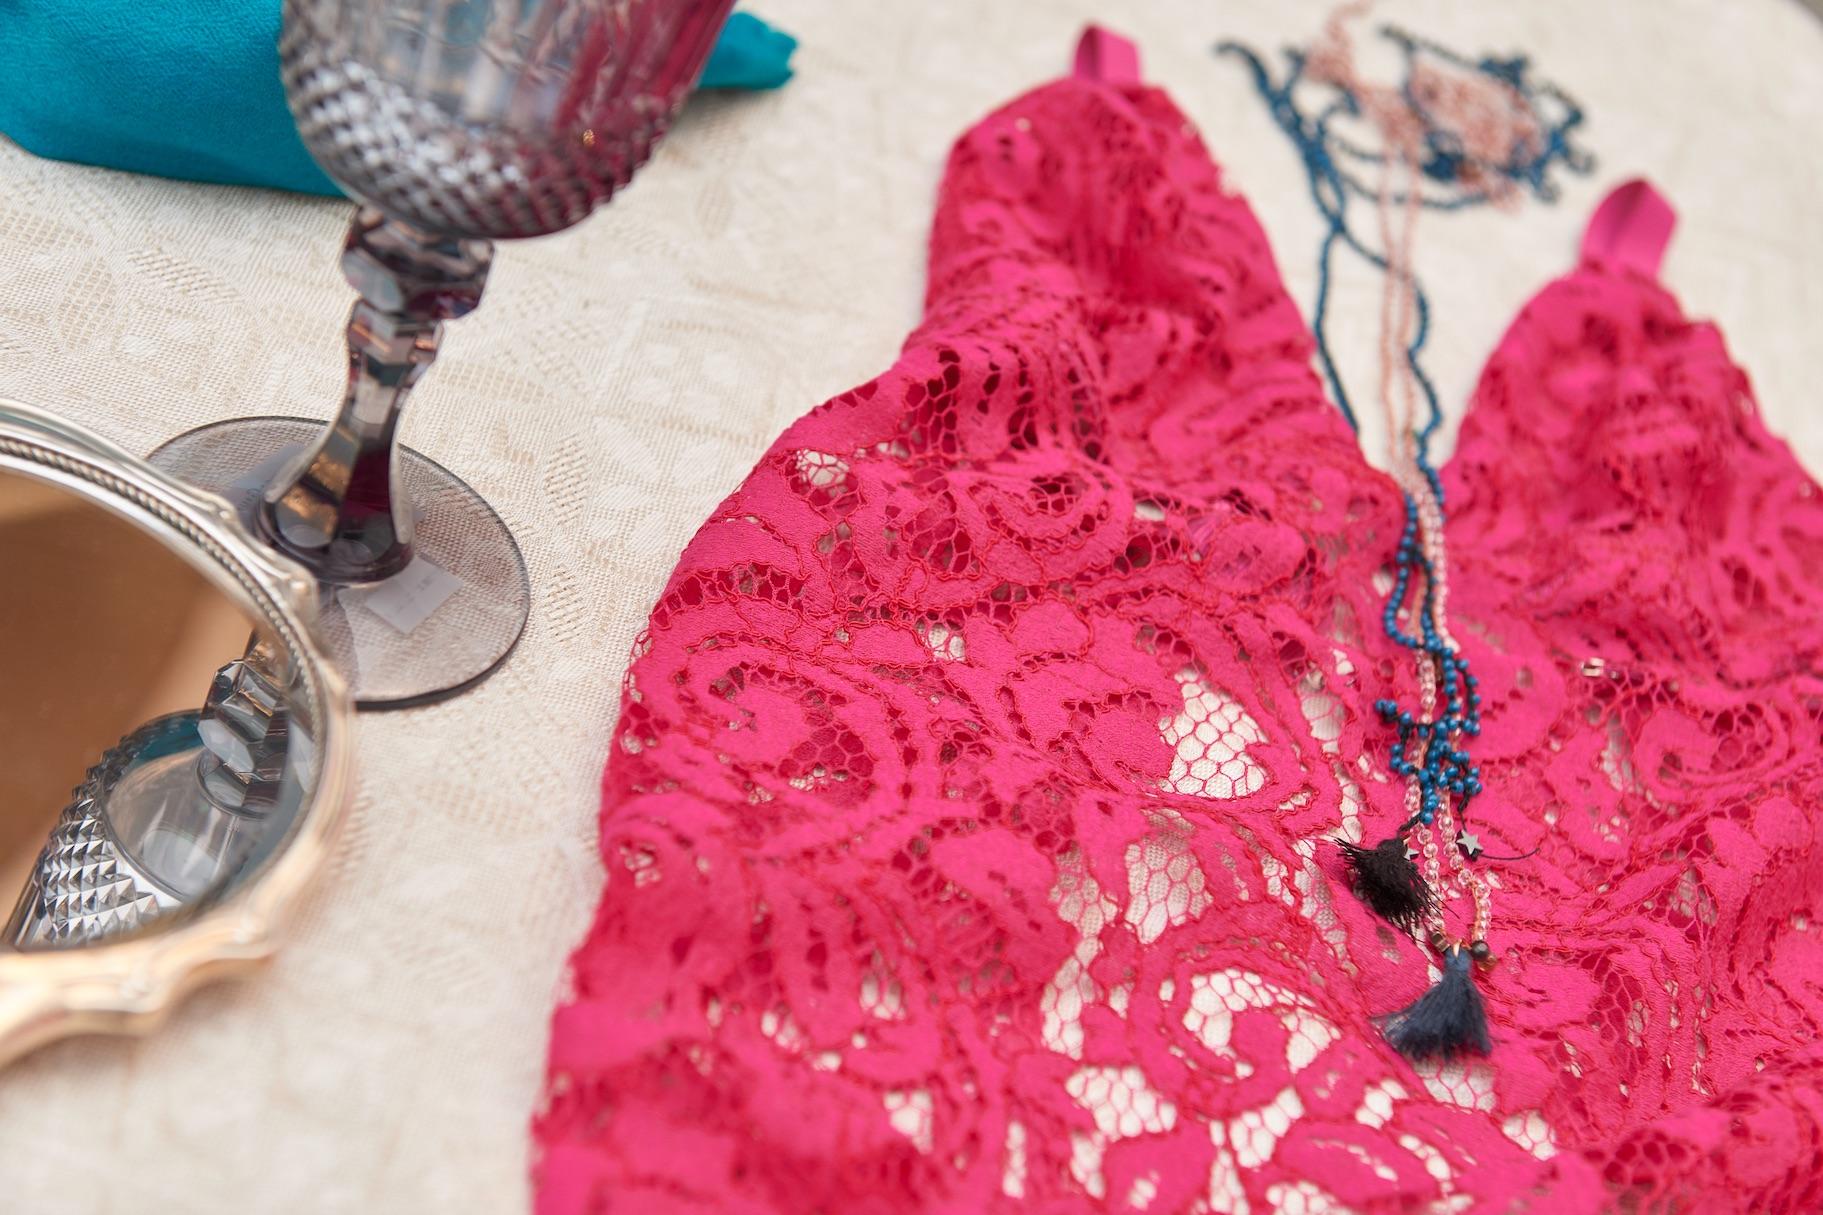 469296fe5938 Diy Lace bra ossia reggiseno in pizzo; come realizzare un reggiseno da  indossare come sottogiacca o da mostrare con una camicia elegantemente  sbottonata.